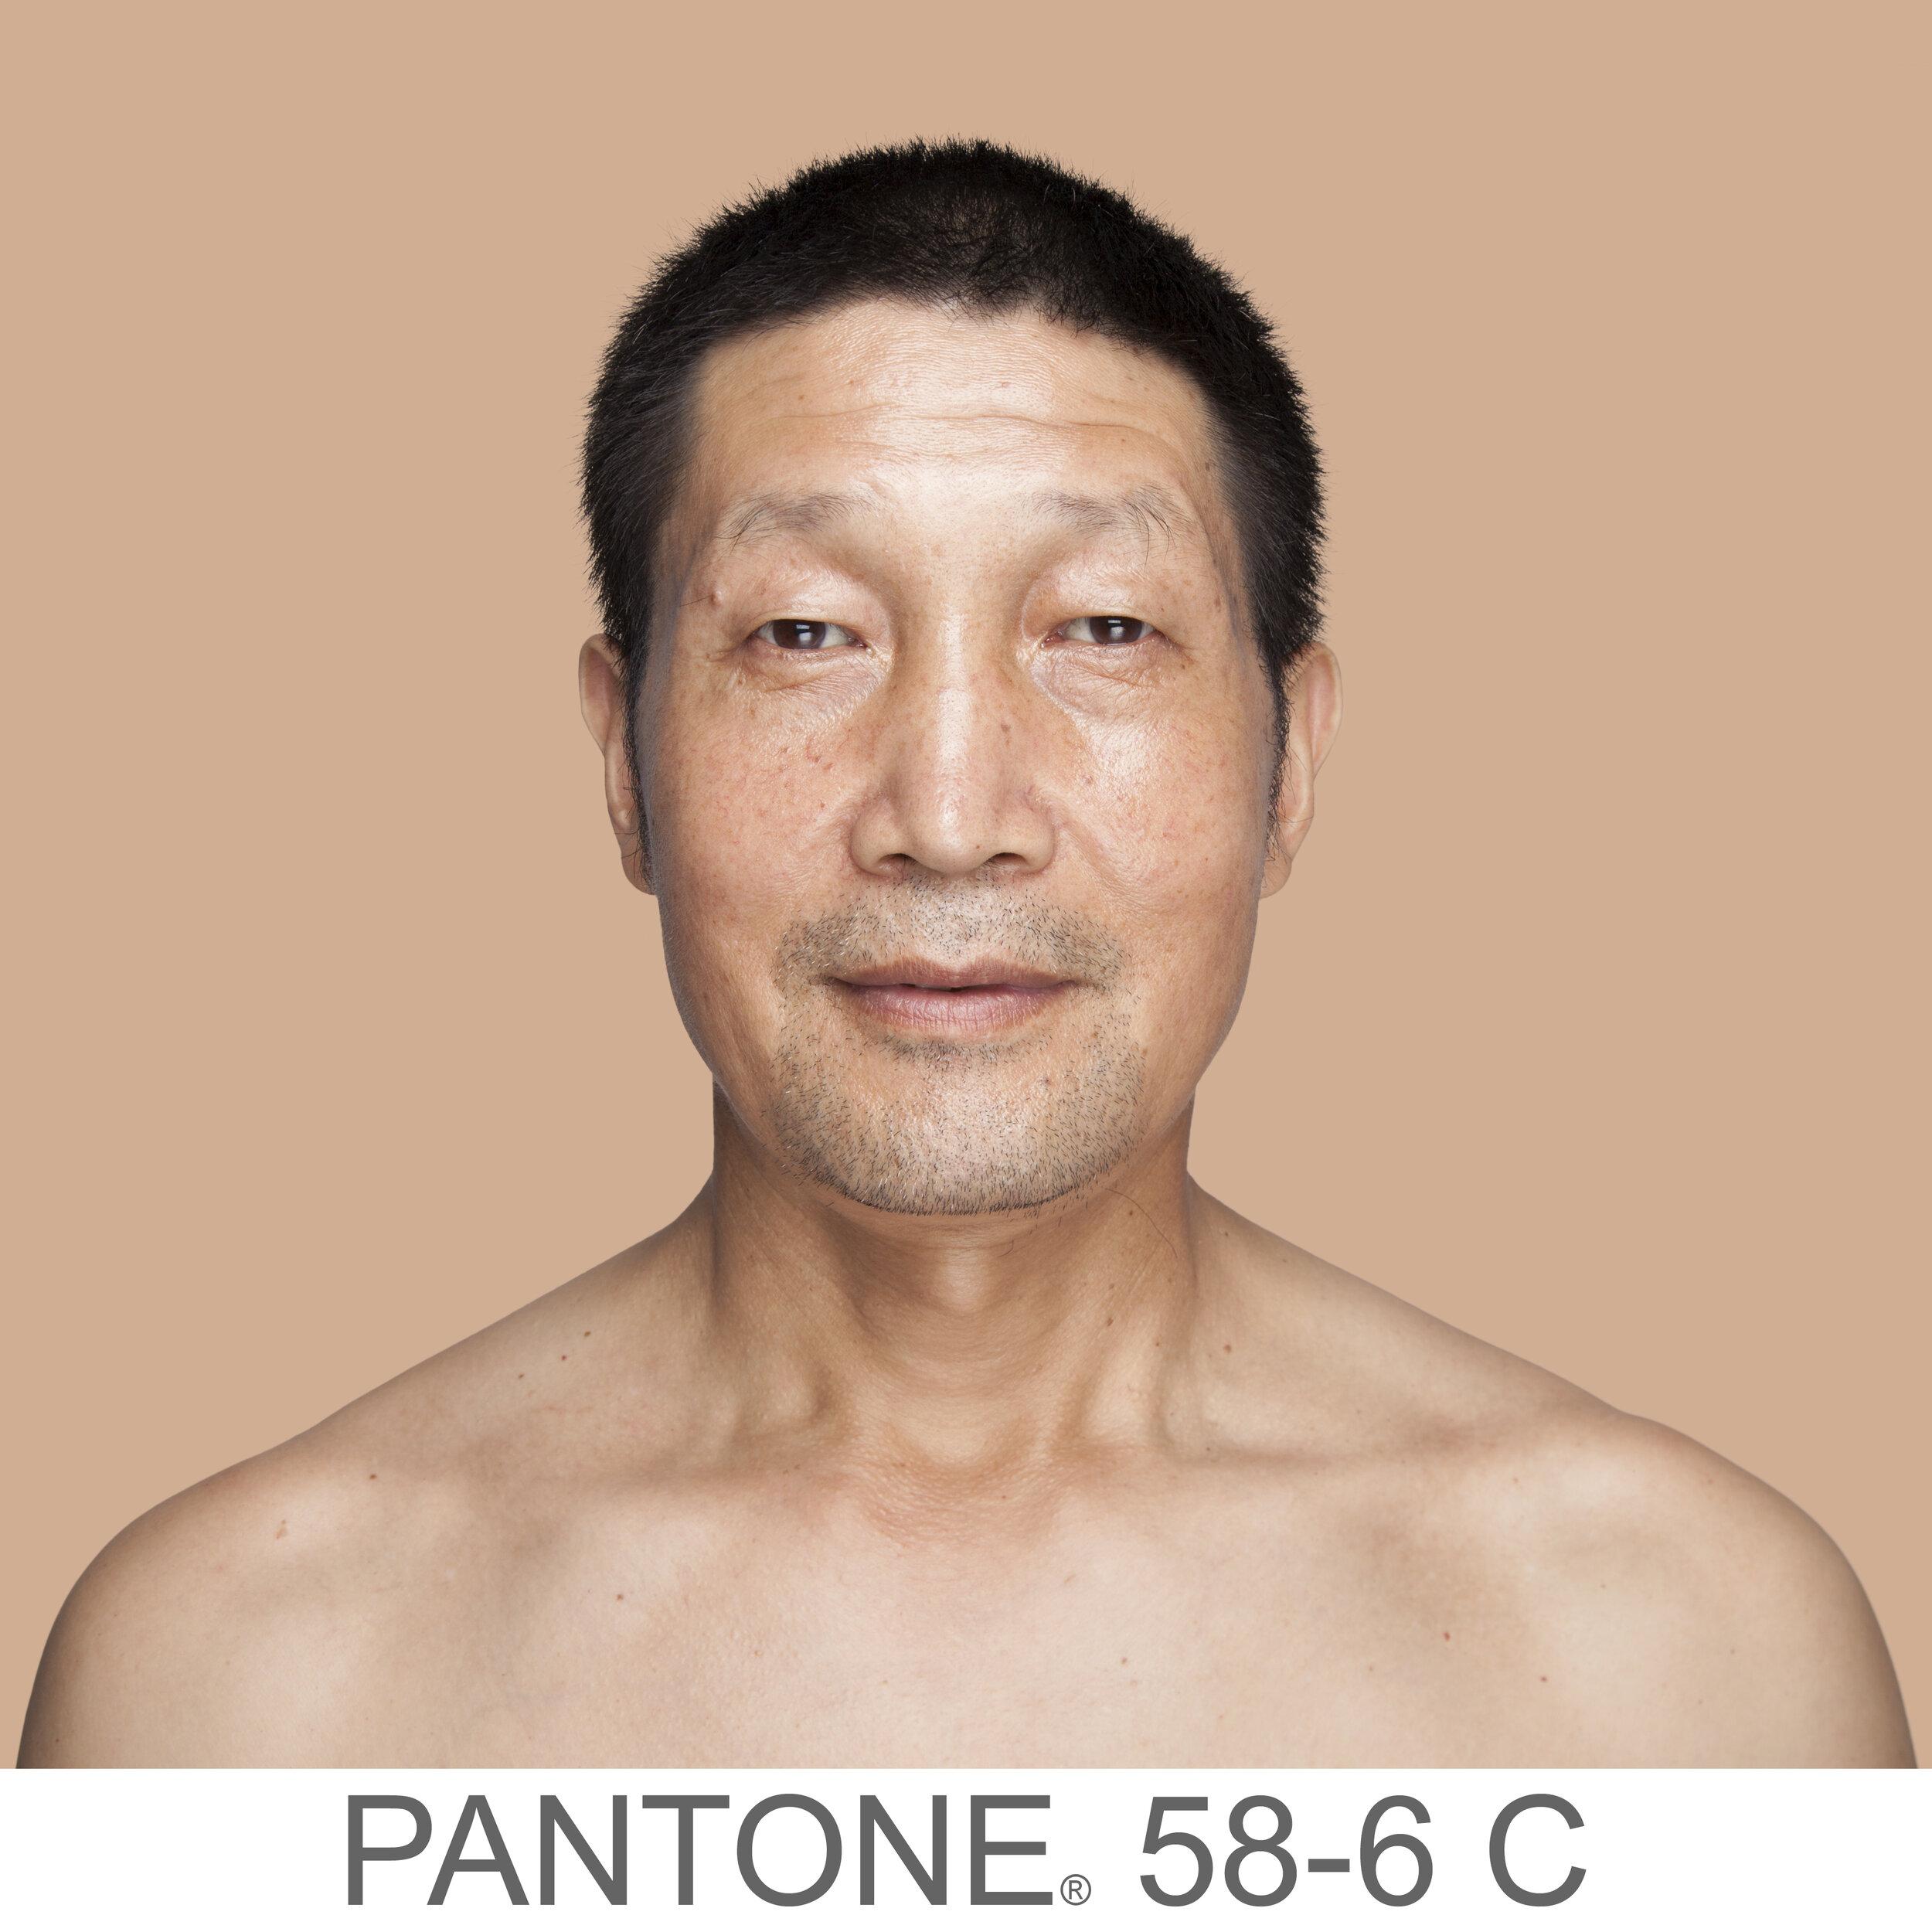 humanae 58-6 C1 CN copia.jpg